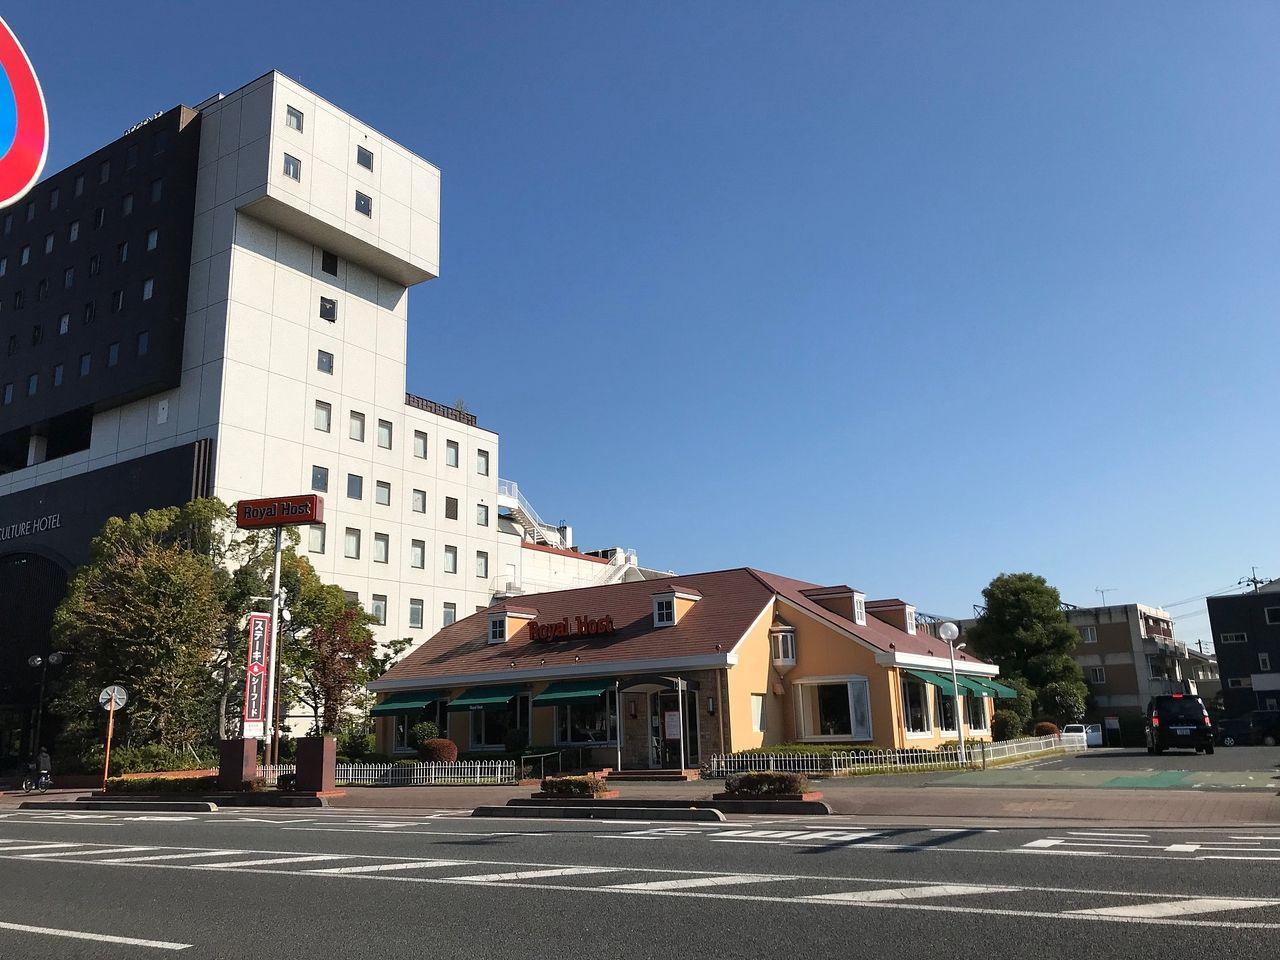 第3駐車場向い〈東〉にあるカルチャーホテル・ロイヤルホスト